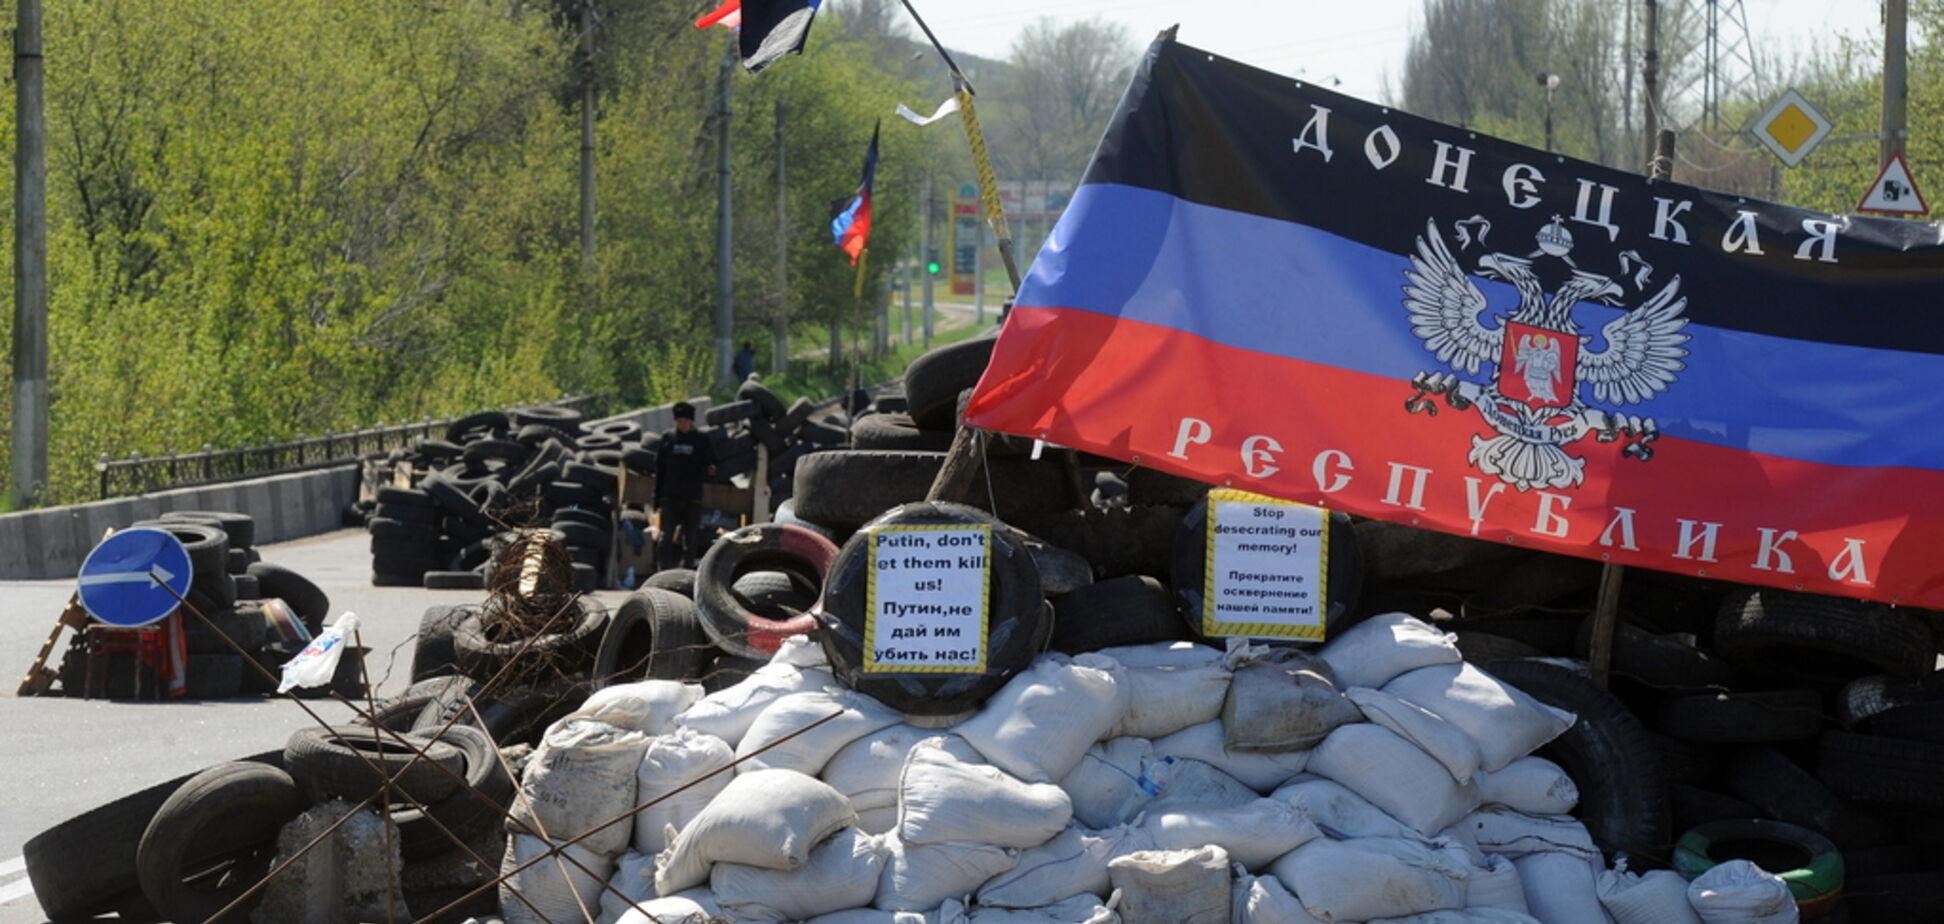 'Не заслуживают!' 'Правый сектор' жестко отреагировал на амнистию для боевиков 'ДНР' и 'ЛНР'